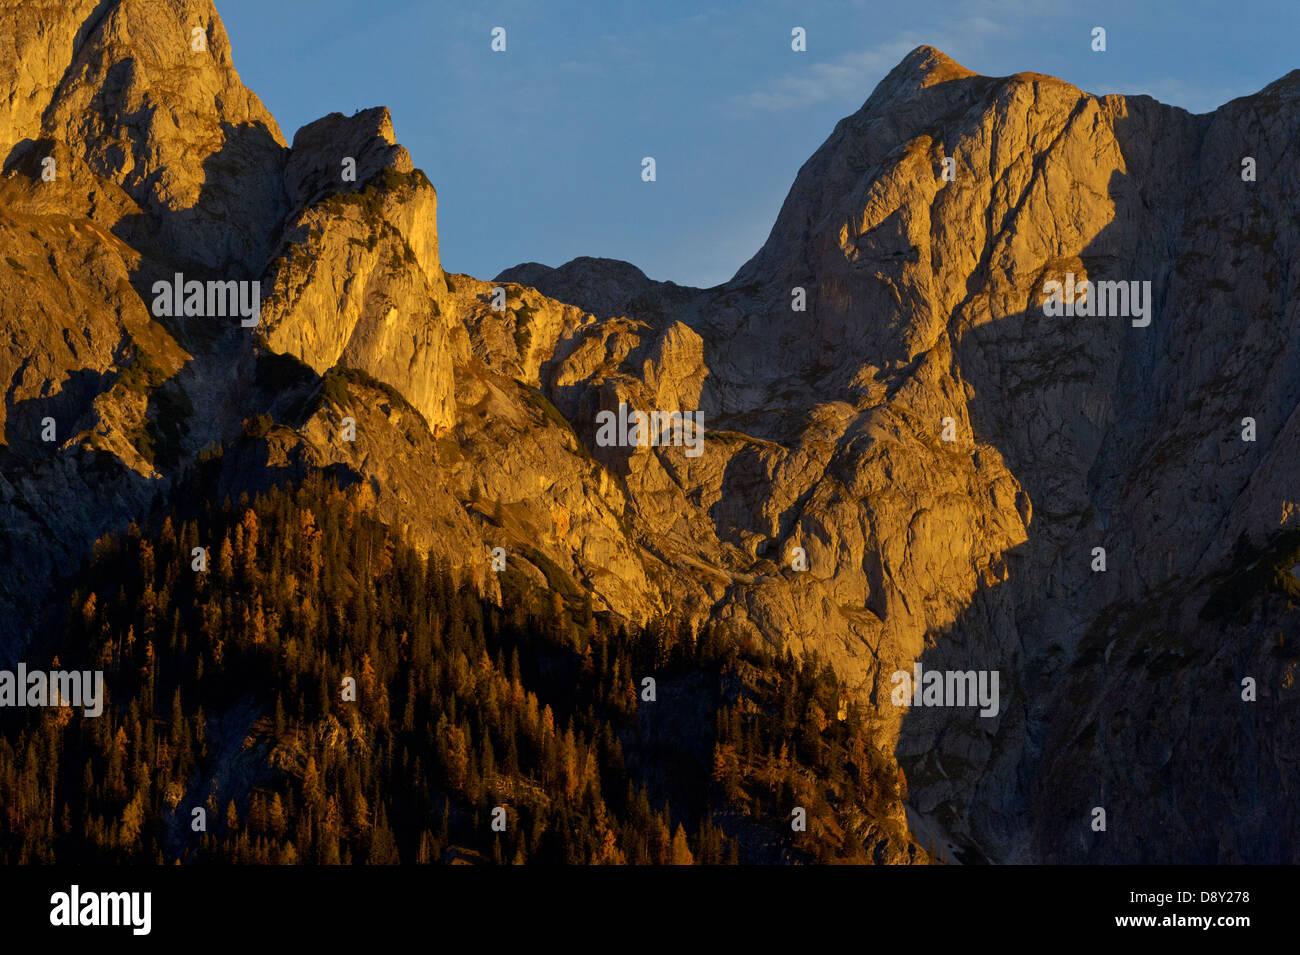 Brühnbachtal / Salzburg / Österreich: Morgenglorei im Kalkhochalpen Naturreservat. Zerklüftete Kalkfelsen und alte Stockfoto